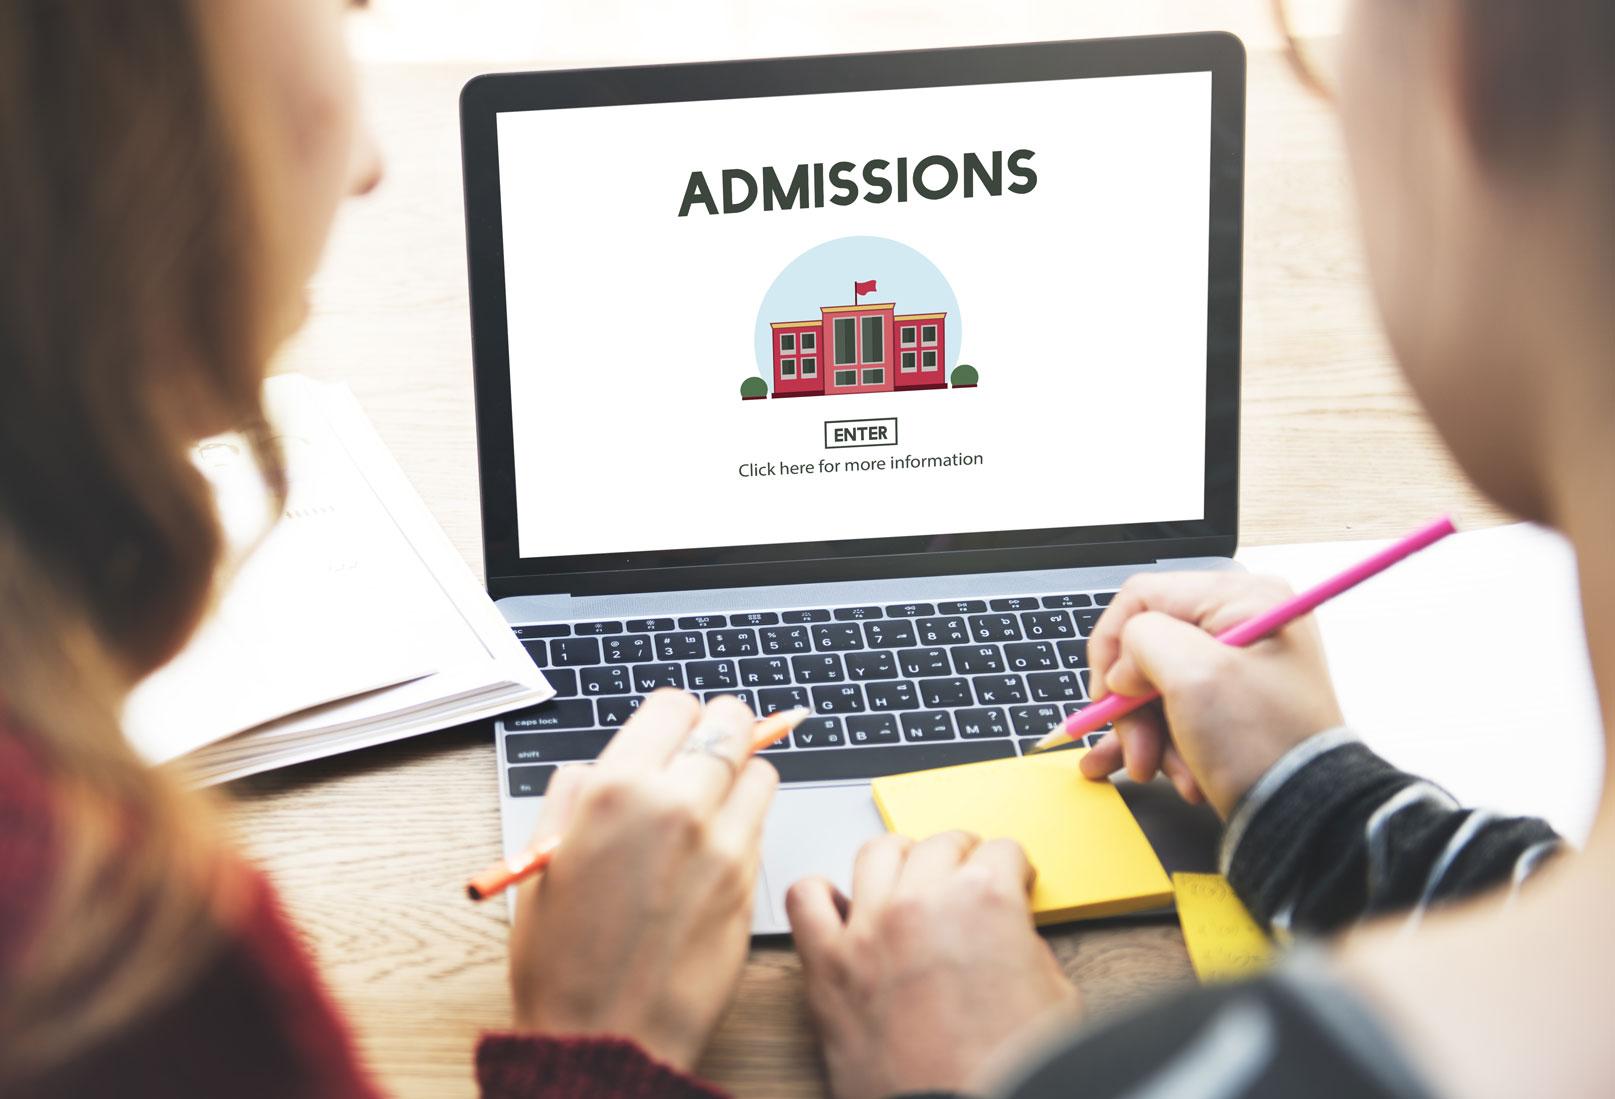 Mit admissions college confidential 2020